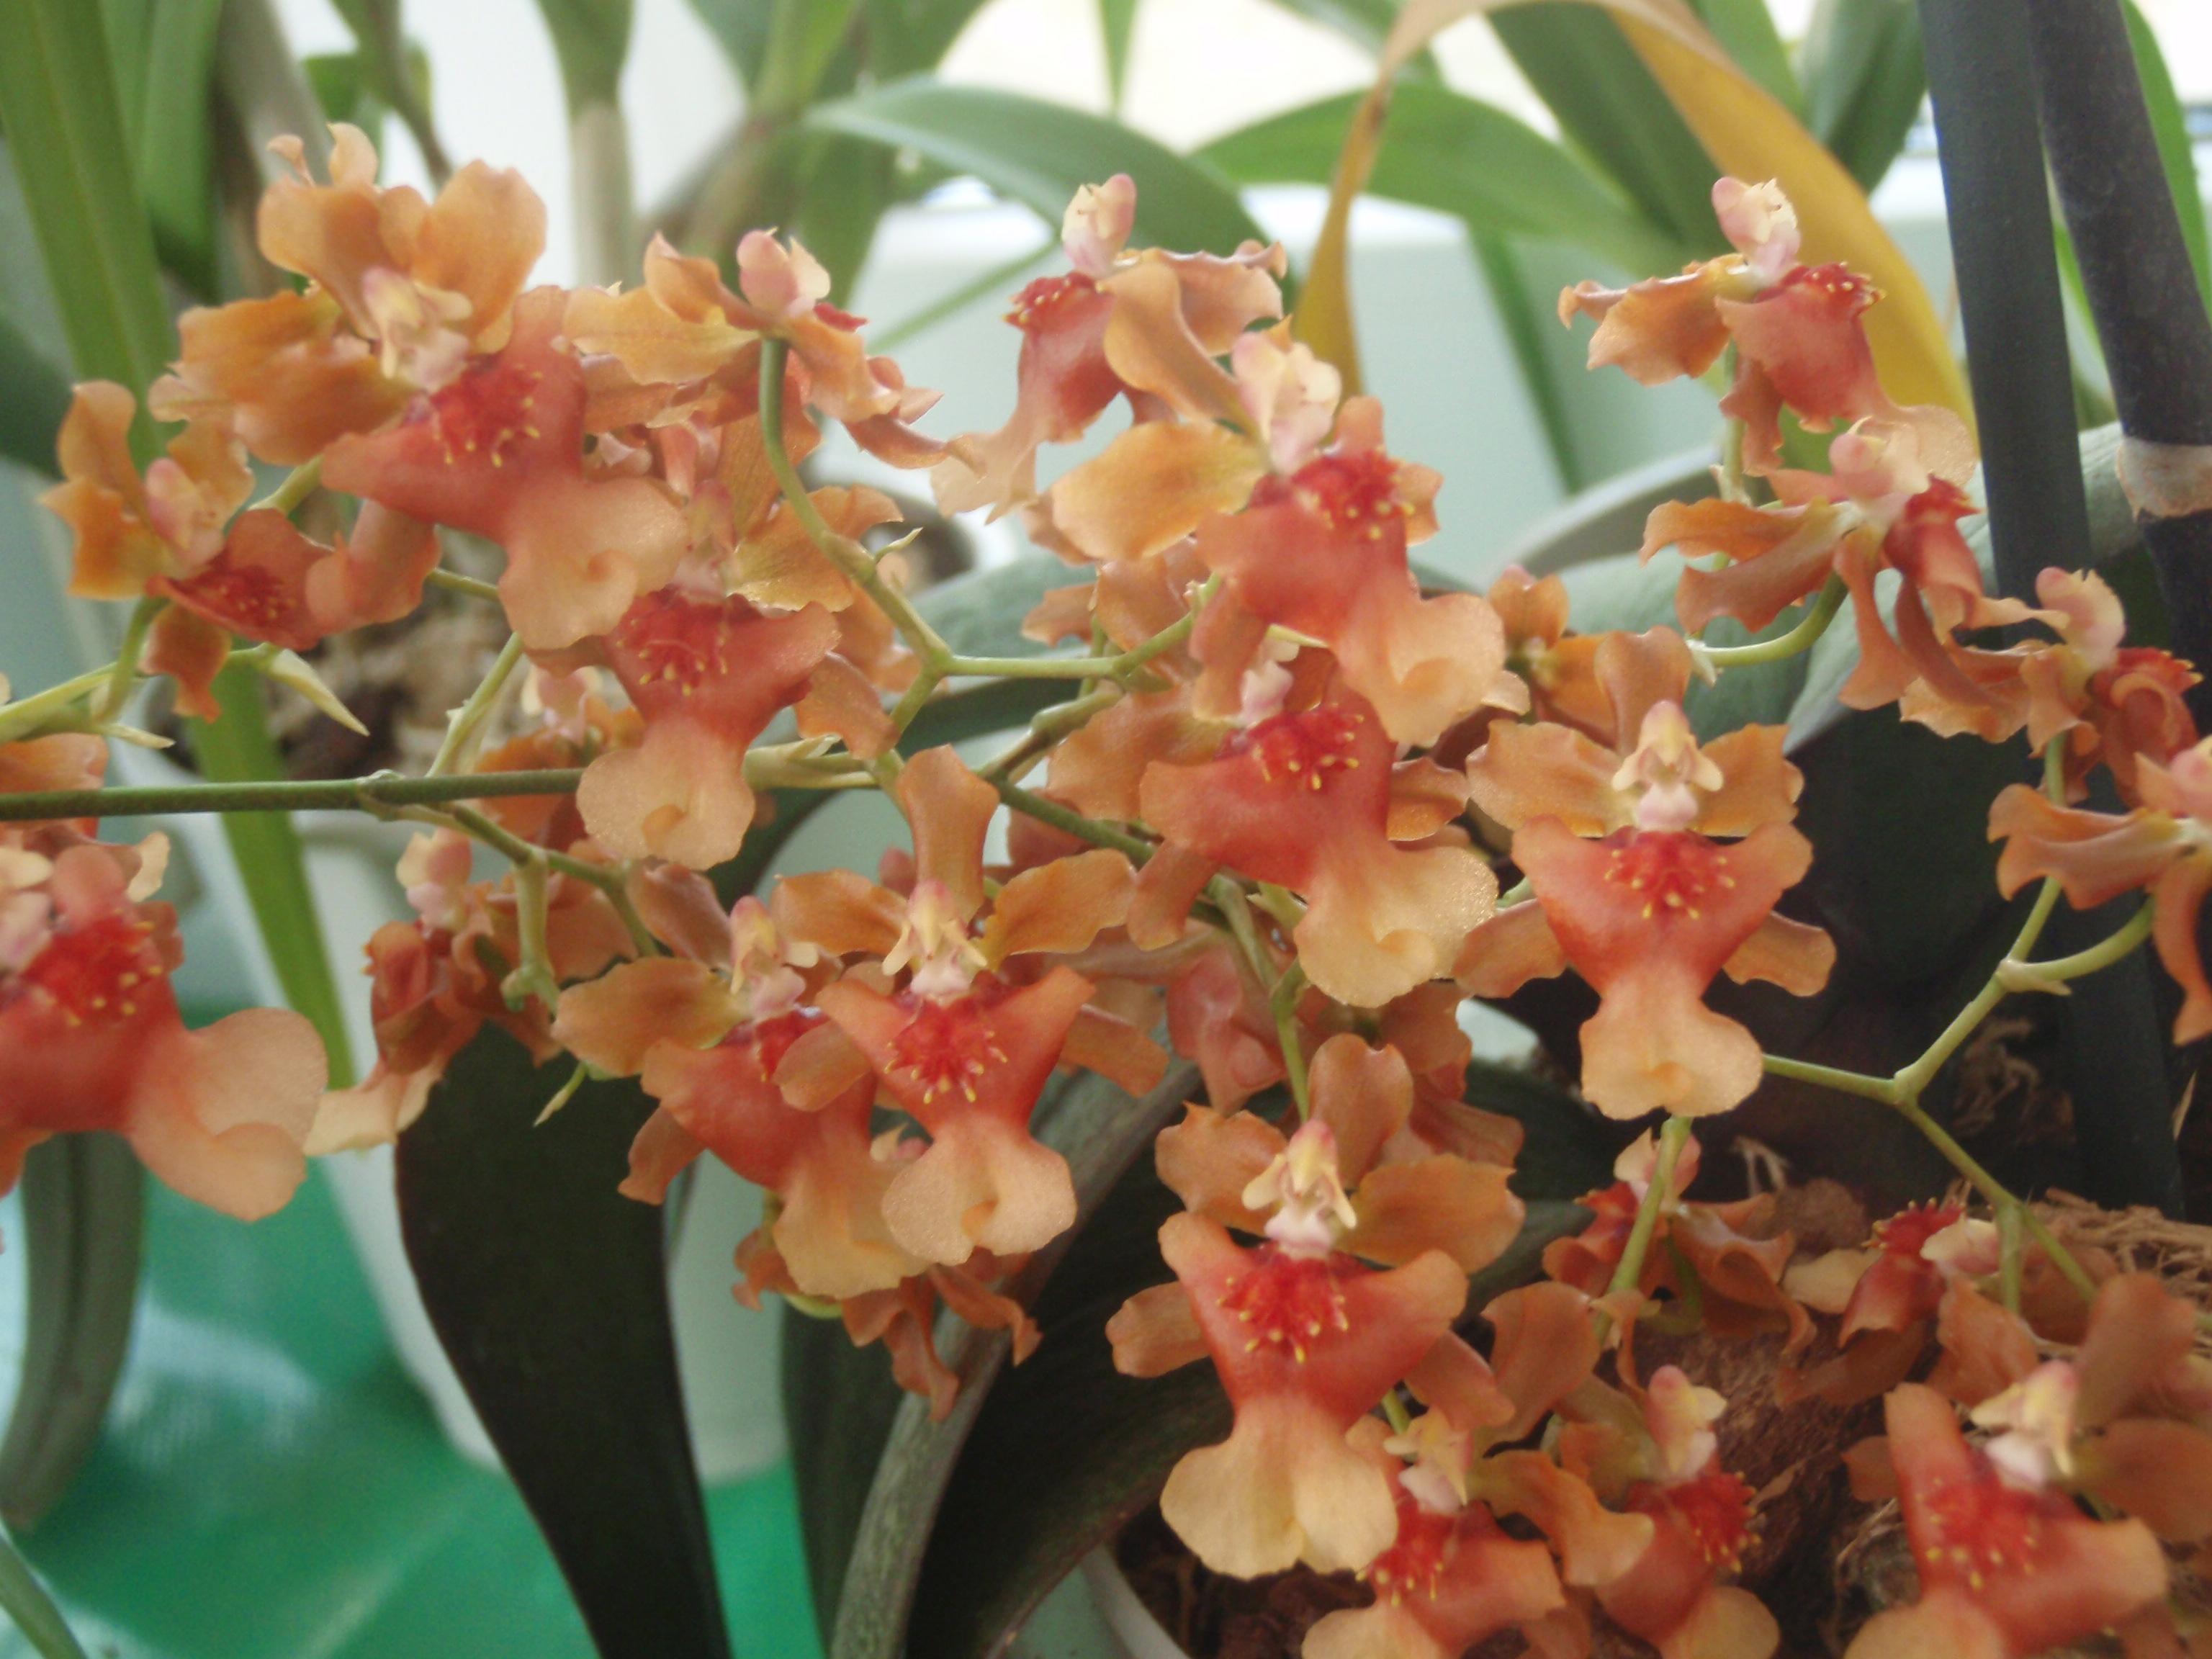 Орхидея онцидиум: уход в домашних условиях, болезни и вредители. советы для начинающих цветоводов.